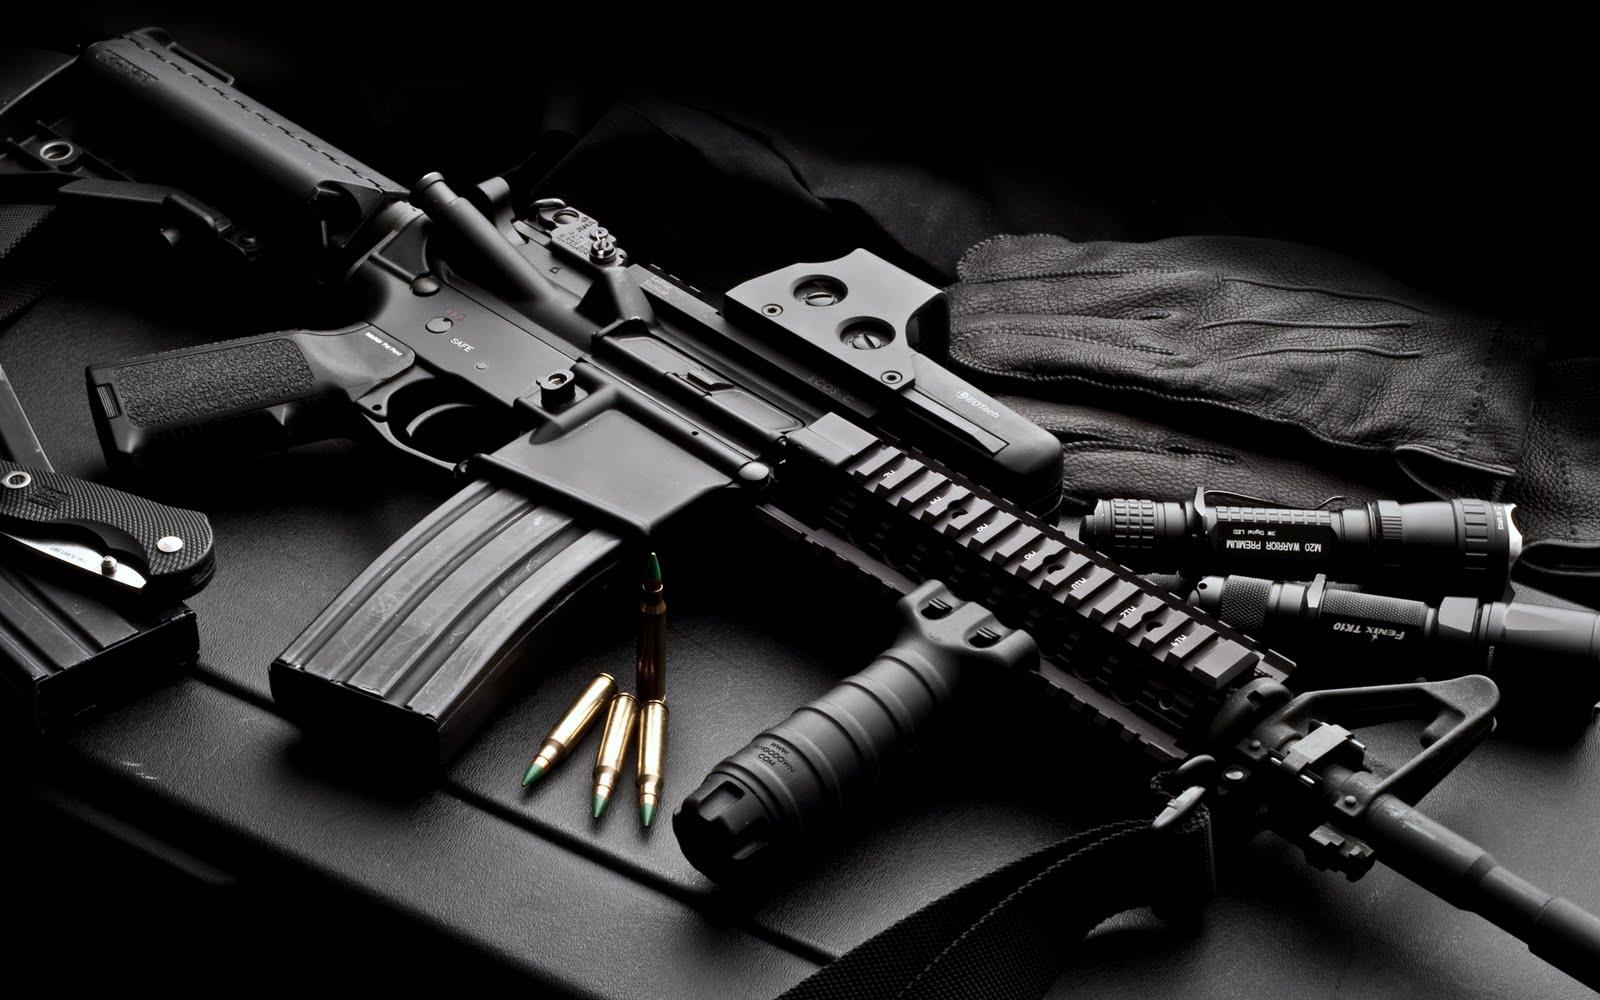 cool gun wallpaper cool gun wallpaper machine gun wallpaper cool gun 1600x1000